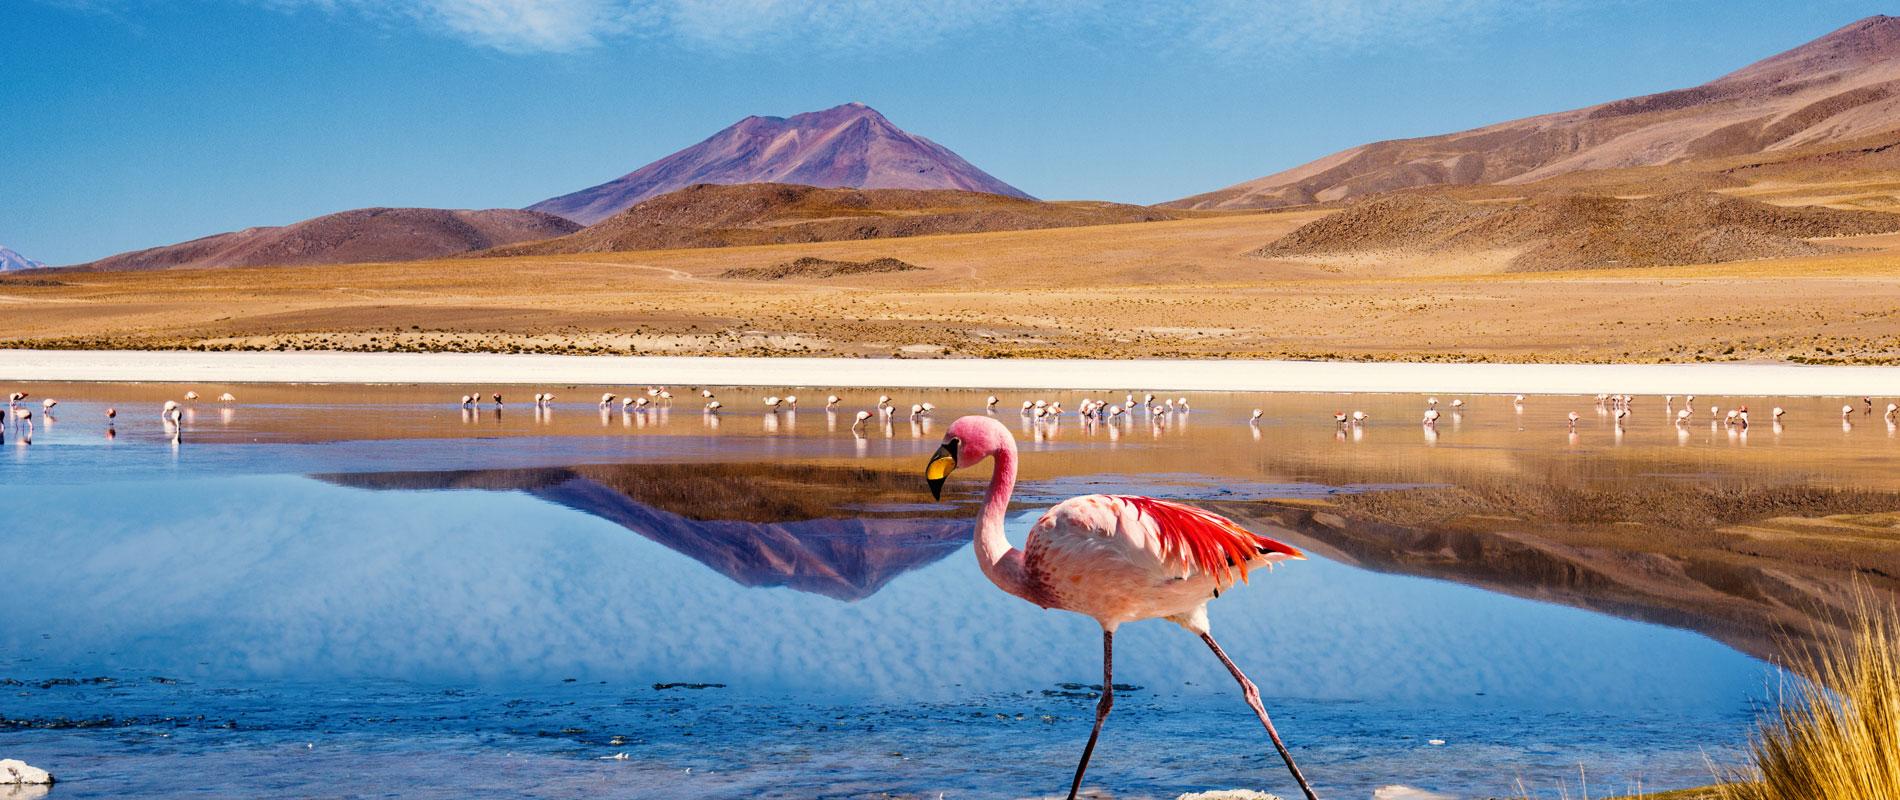 Chili & Bolivie | Altiplano, lagunes & flamants roses